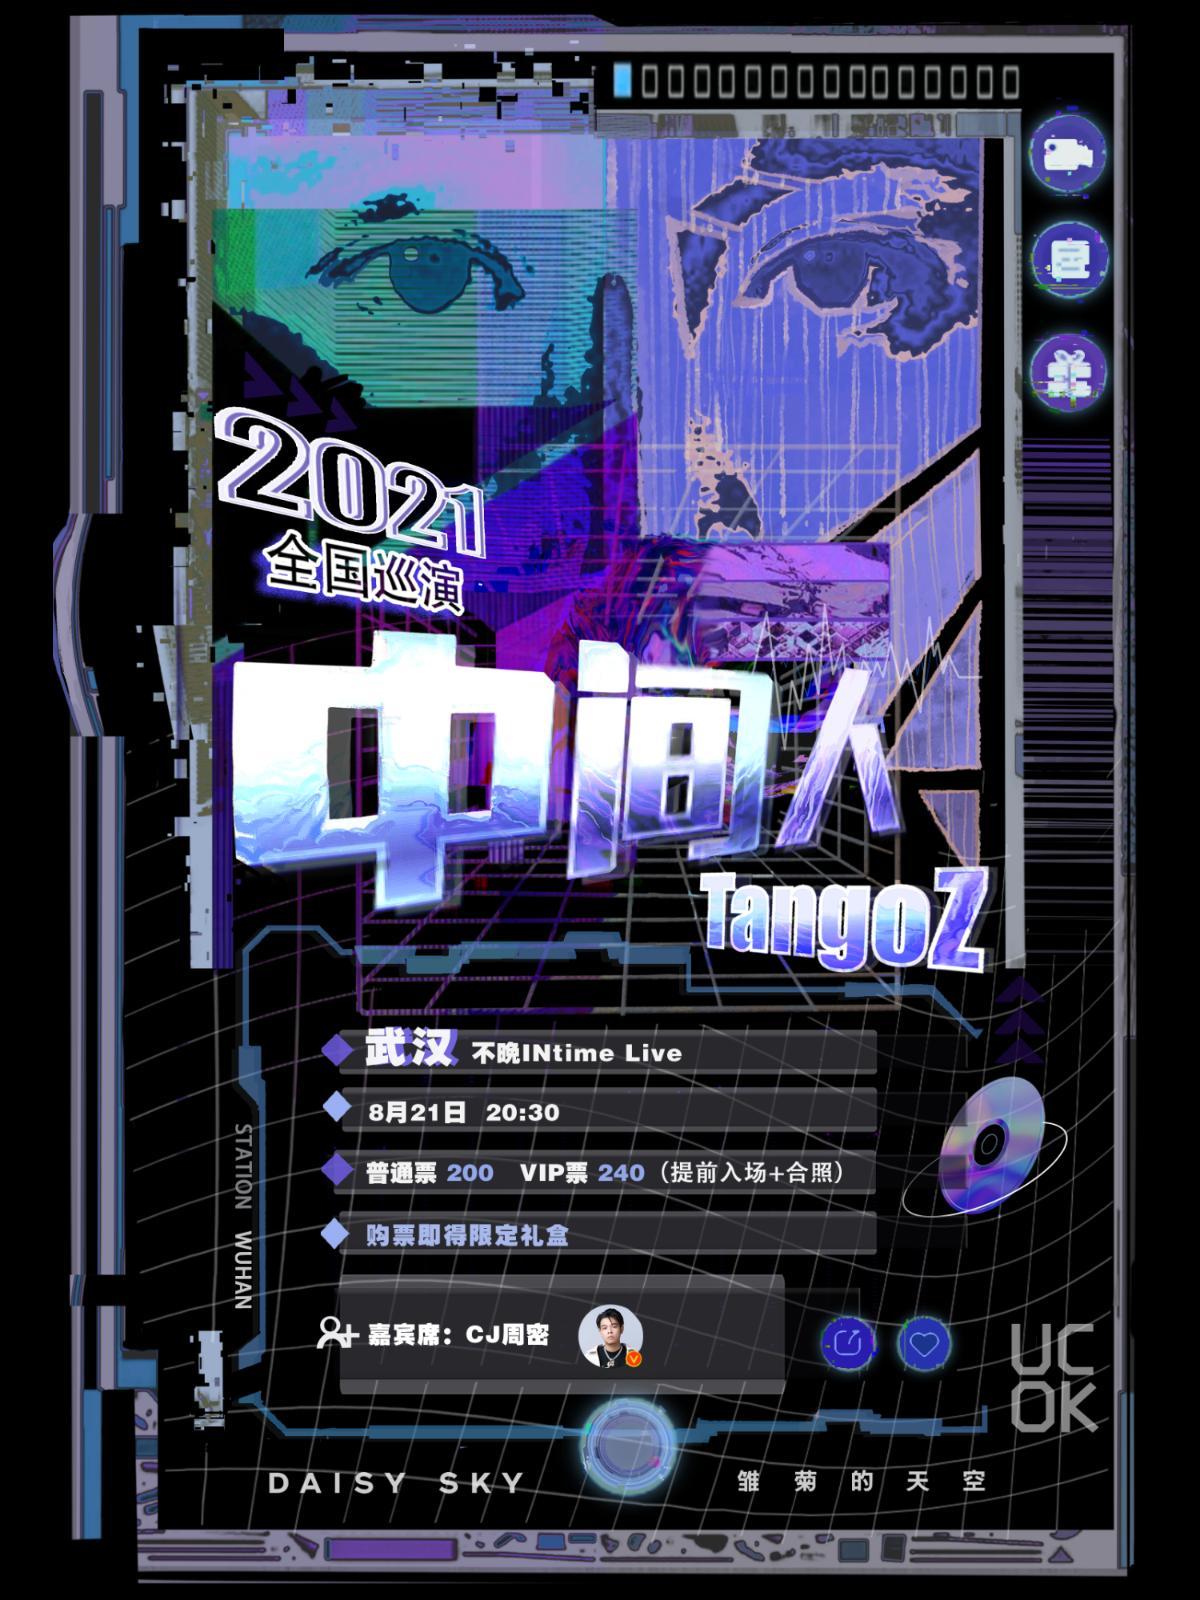 【武汉站】TangoZ 《中间人》2021巡演LVH